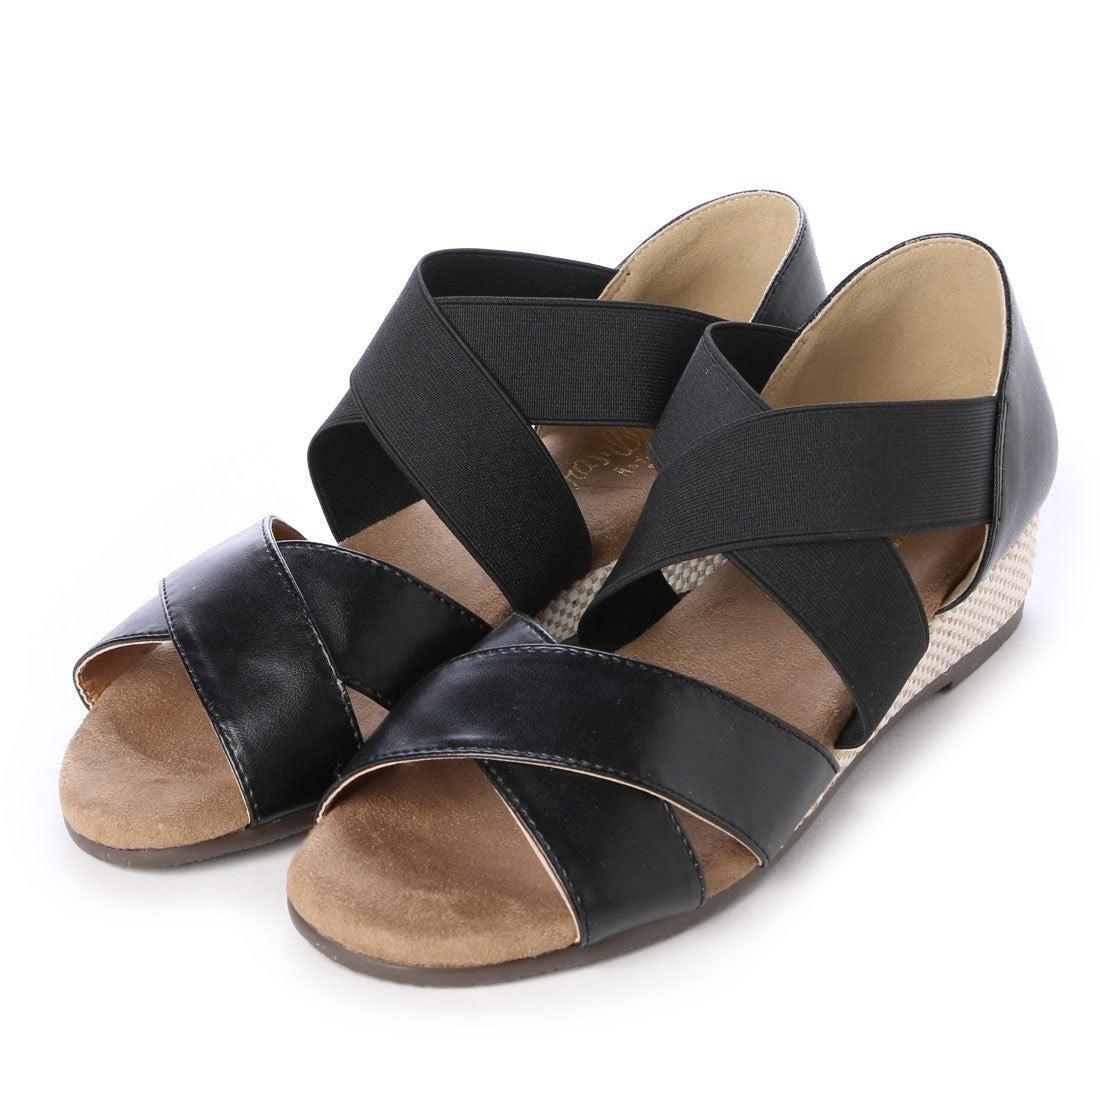 fbd8677a47f77a イーストナイン Eastnine サンダル カジュアルサンダル No.5338 ブラック 4394 (ブラック) ミフト mift  -靴&ファッション通販 ロコンド〜自宅で試着、気軽に返品